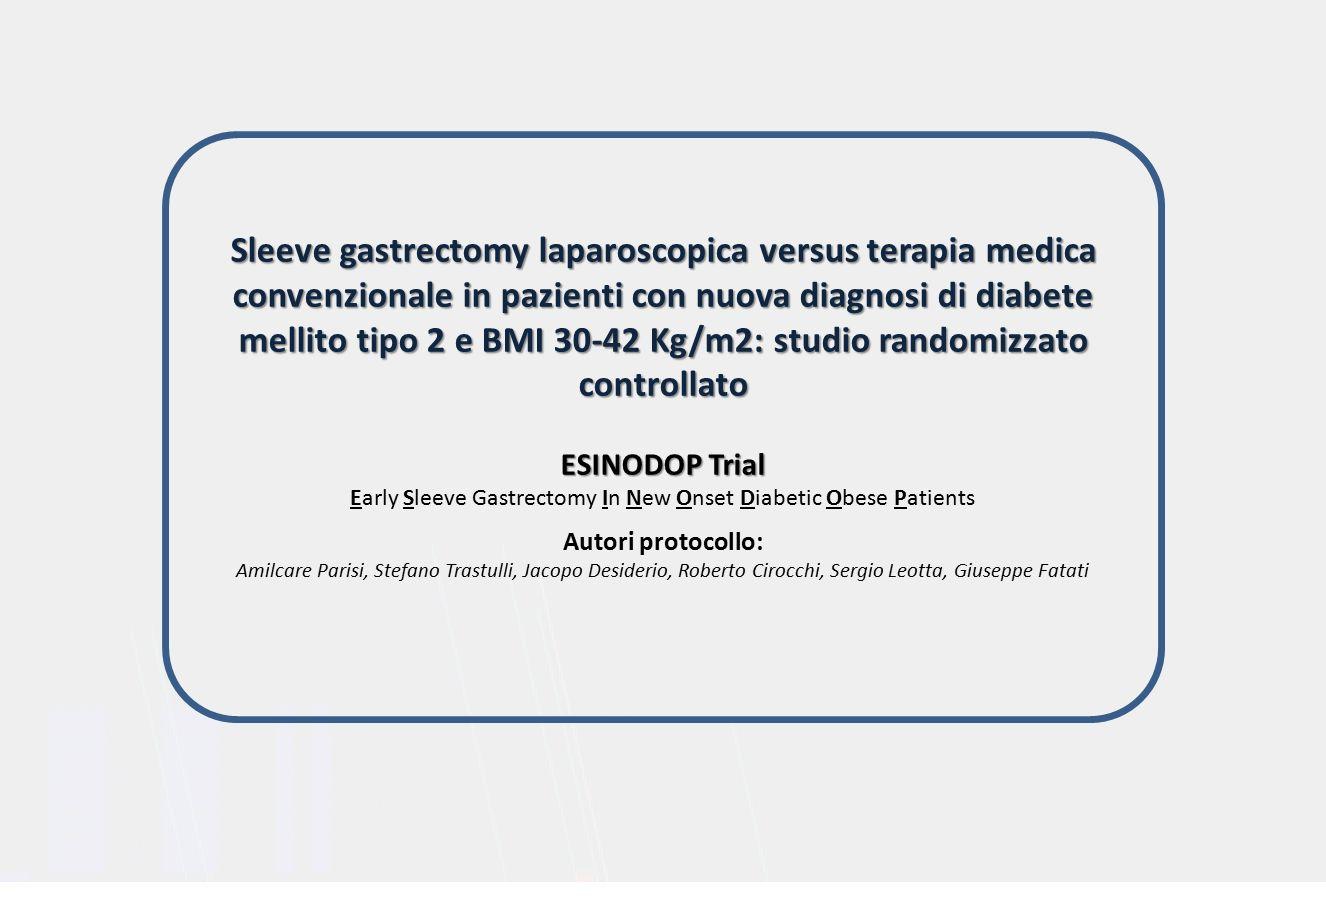 Sleeve gastrectomy laparoscopica versus terapia medica convenzionale in pazienti con nuova diagnosi di diabete mellito tipo 2 e BMI 30-42 Kg/m2: studio randomizzato controllato